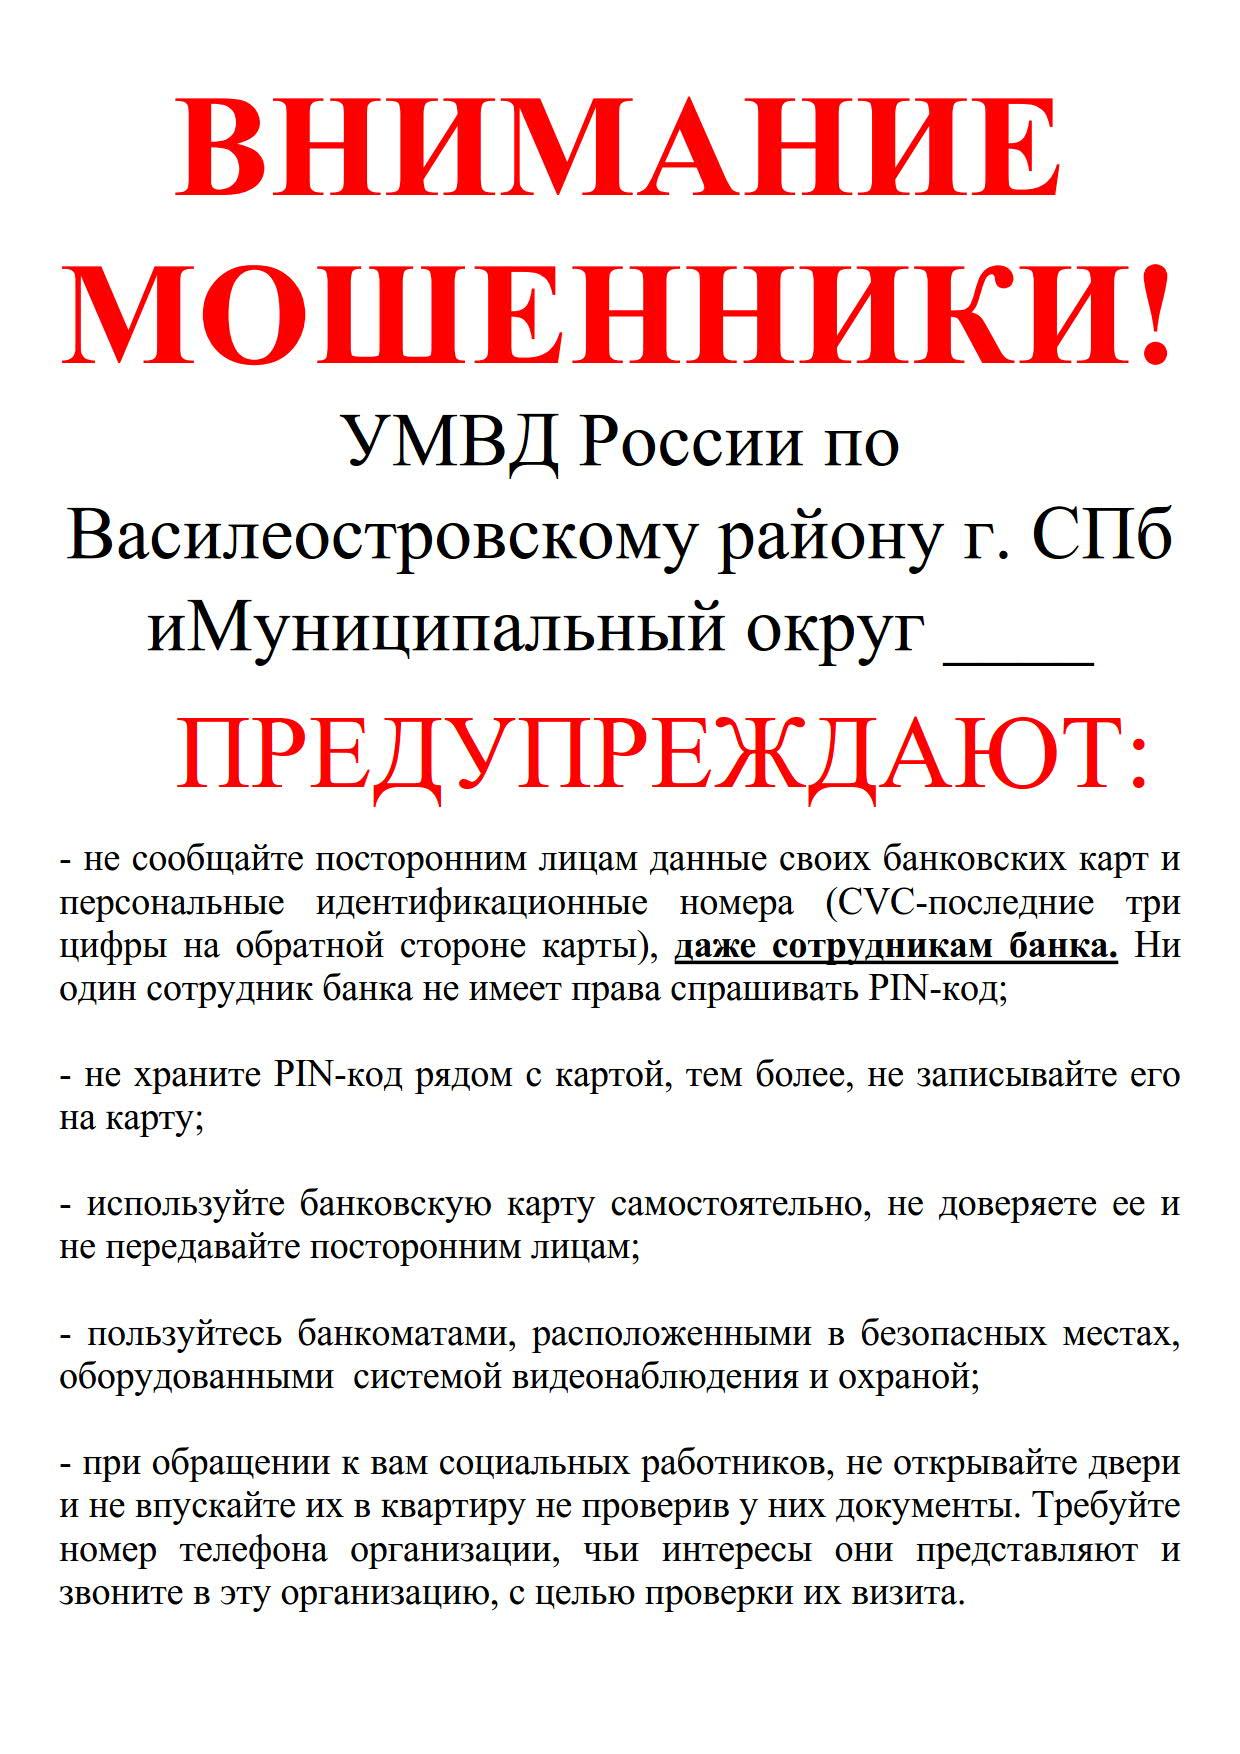 Памятка по мошенничествам_1